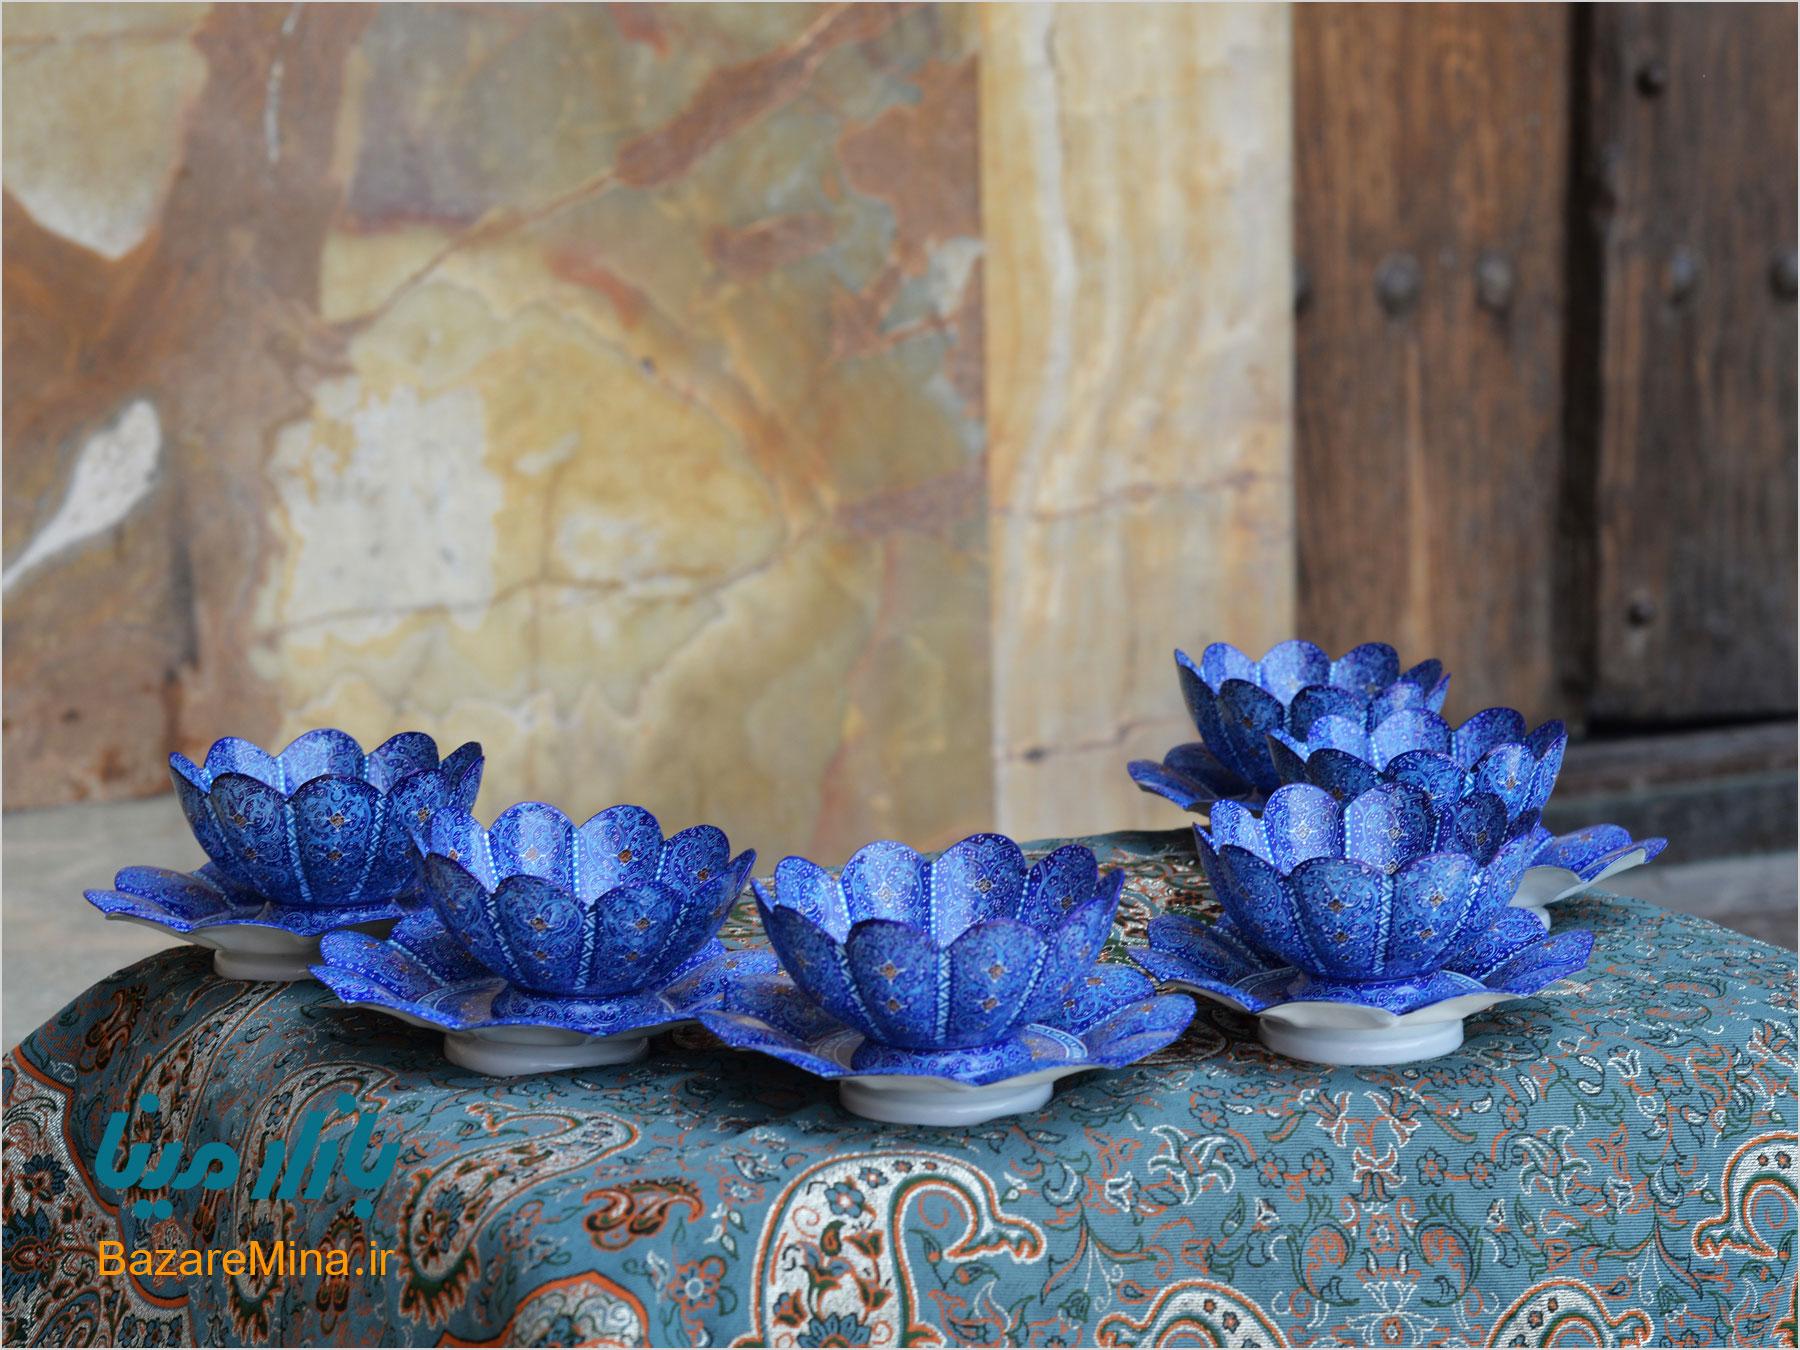 هدیه میناکاری اصفهان برای سال نو